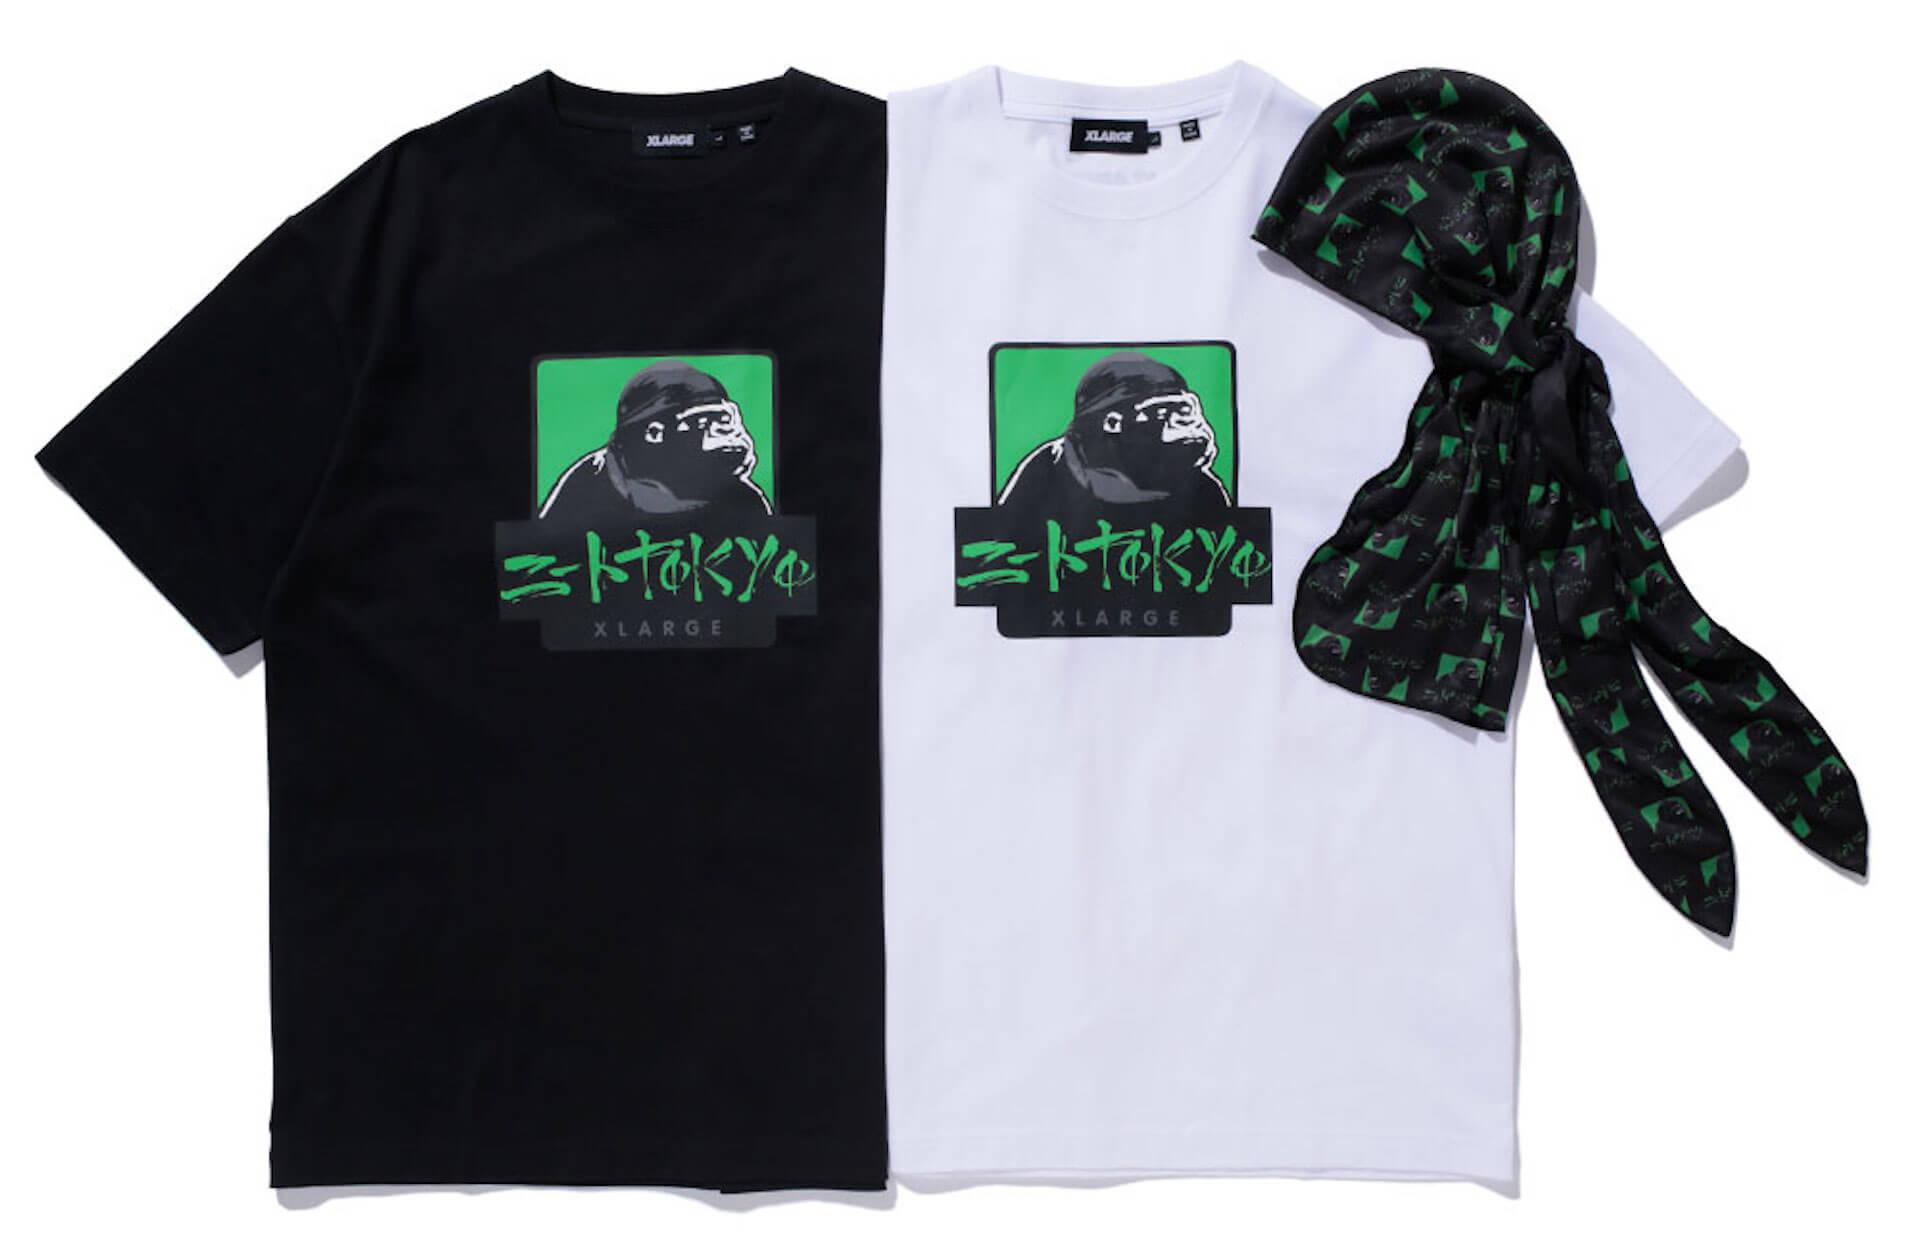 XLARGEとニートtokyoのコラボアイテムが4月20日発売!OGゴリラとのコラボロゴを配したTシャツ&ドゥーラグが登場 life210412_xlarge_neettokyo_3